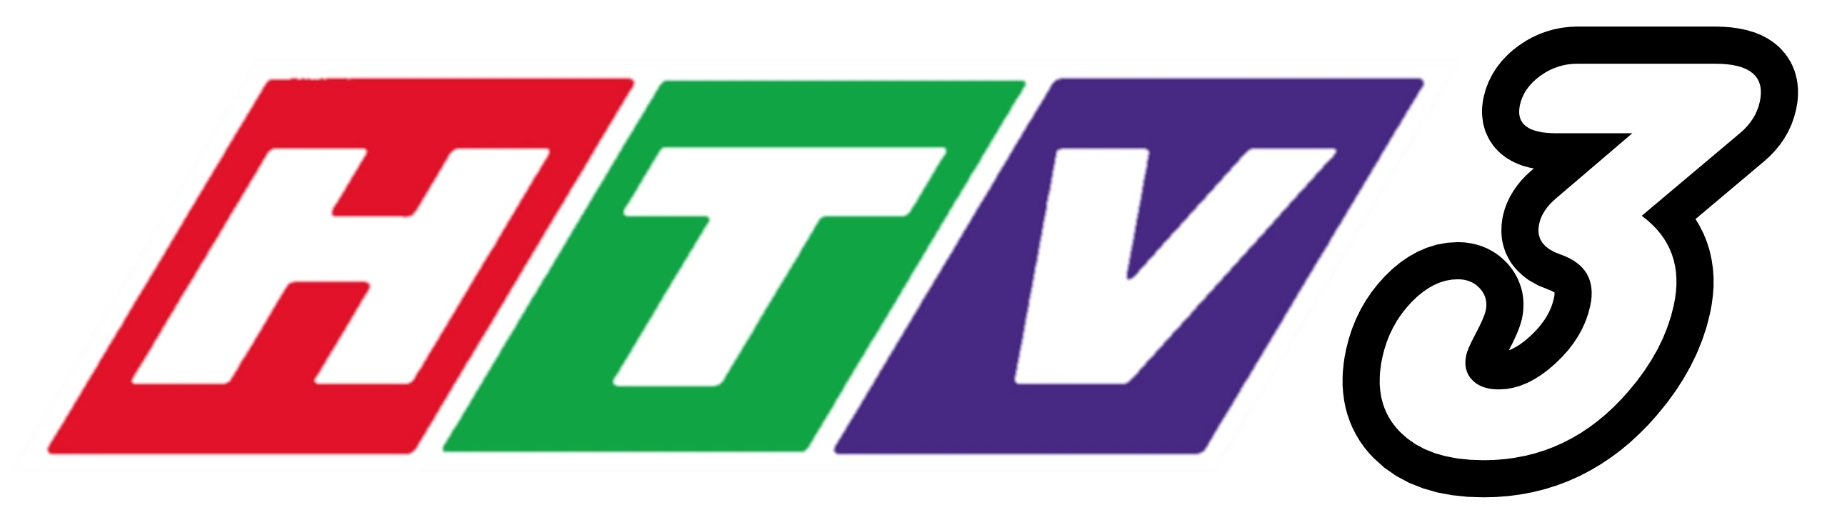 HTV3 logo (2008-2018)